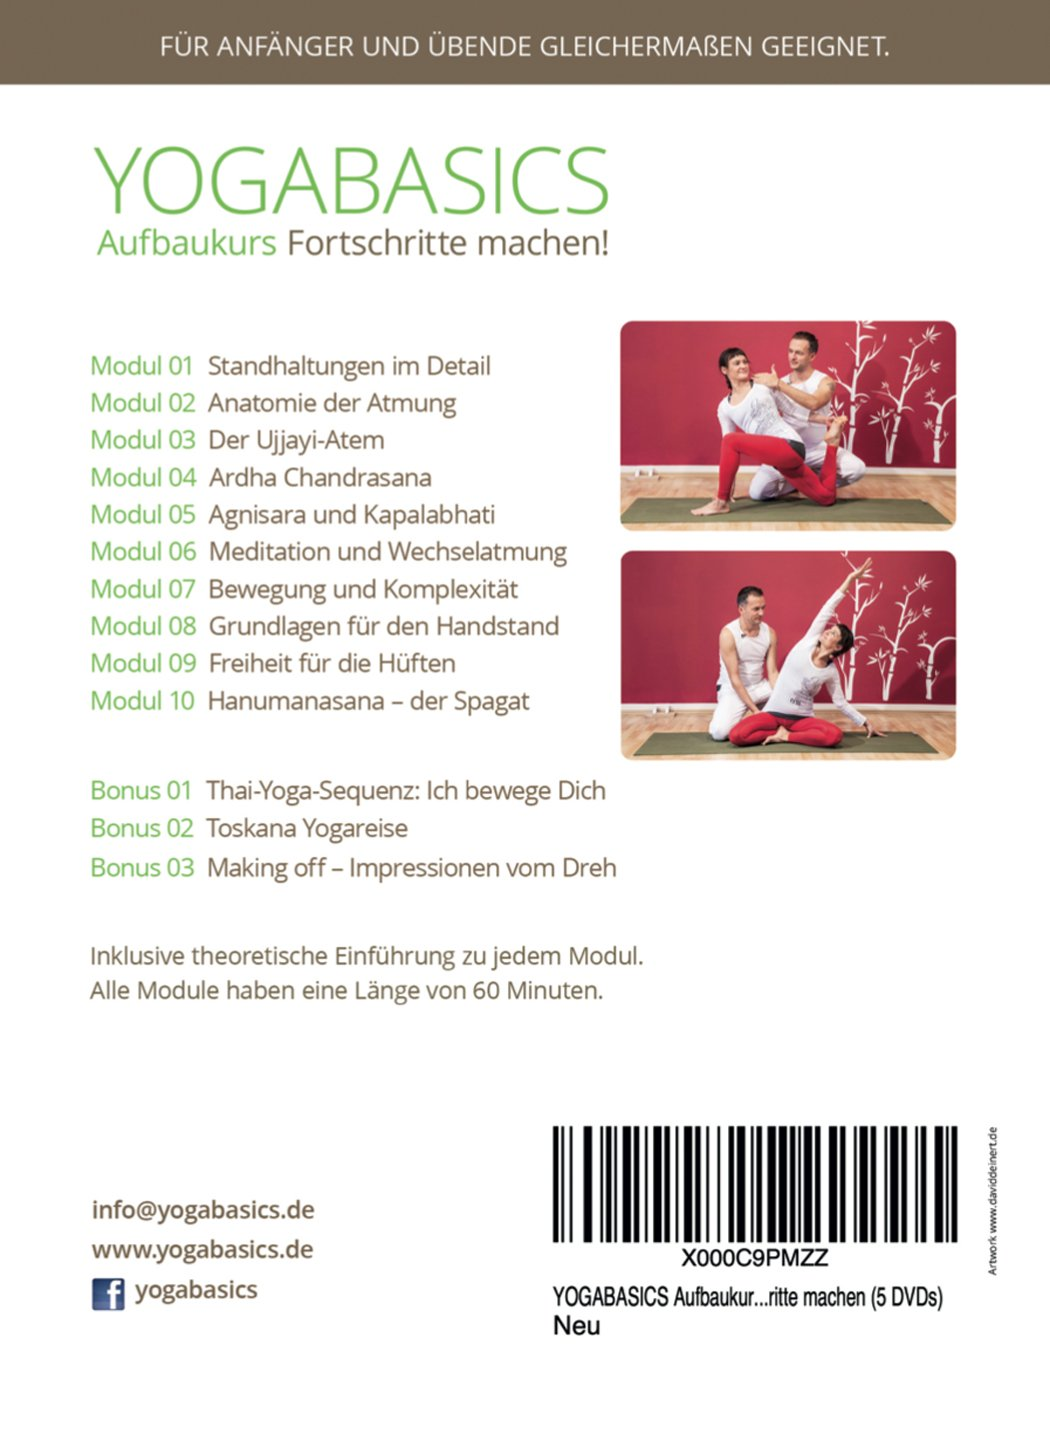 YOGABASICS Aufbaukurs: 10 Stunden Yoga für Anfänger und ...